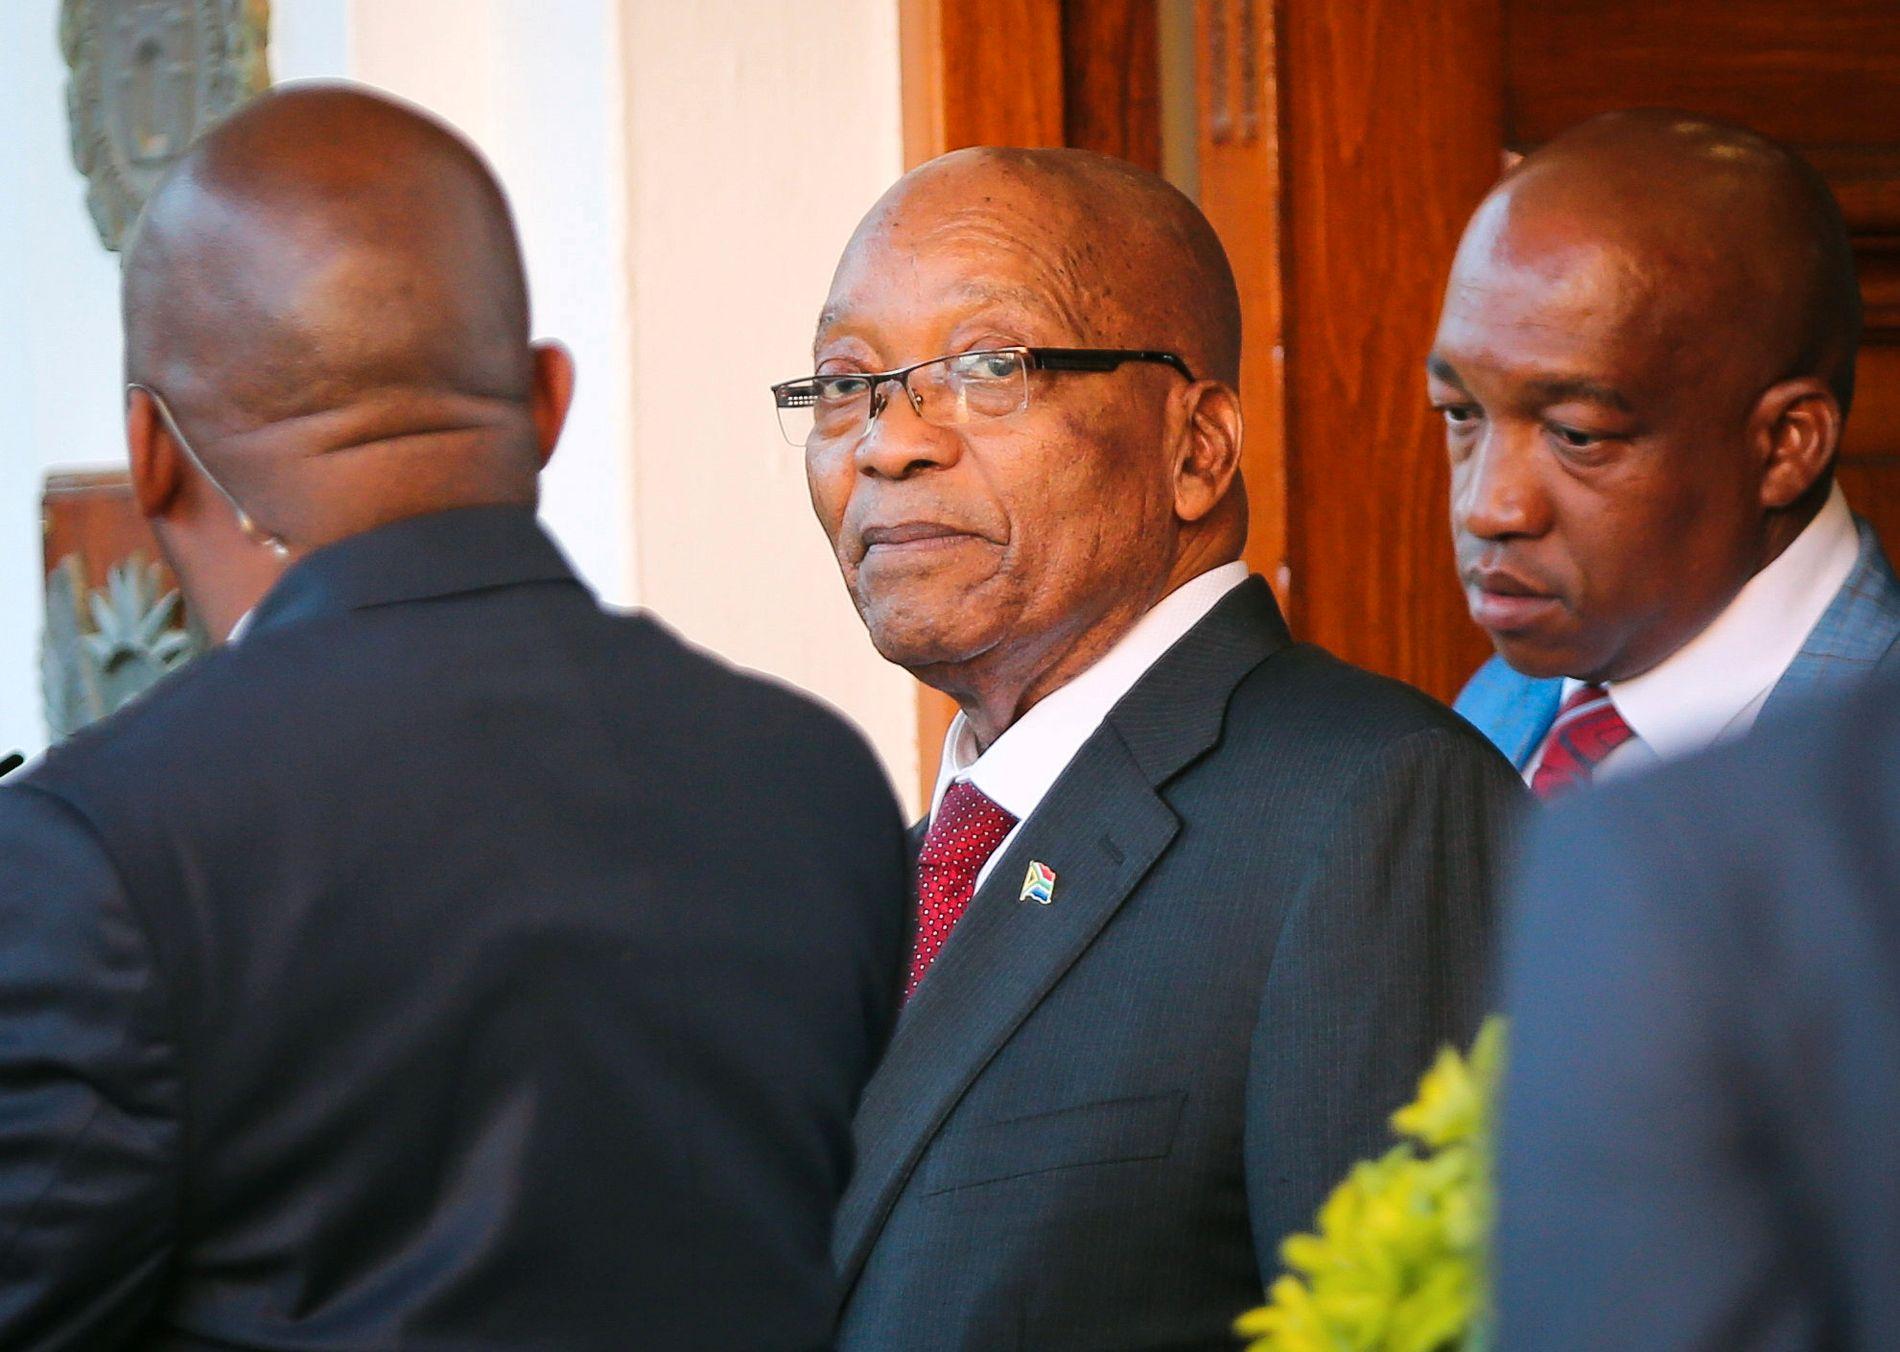 KJEMPER: Sør-Afrikas president Jacob Zuma er blitt bed om å trekke seg. Så langt har han ikke tatt ANC-ledelsens krav til følge. Zuma har bedt om å få sitte som president i tre måneder til.